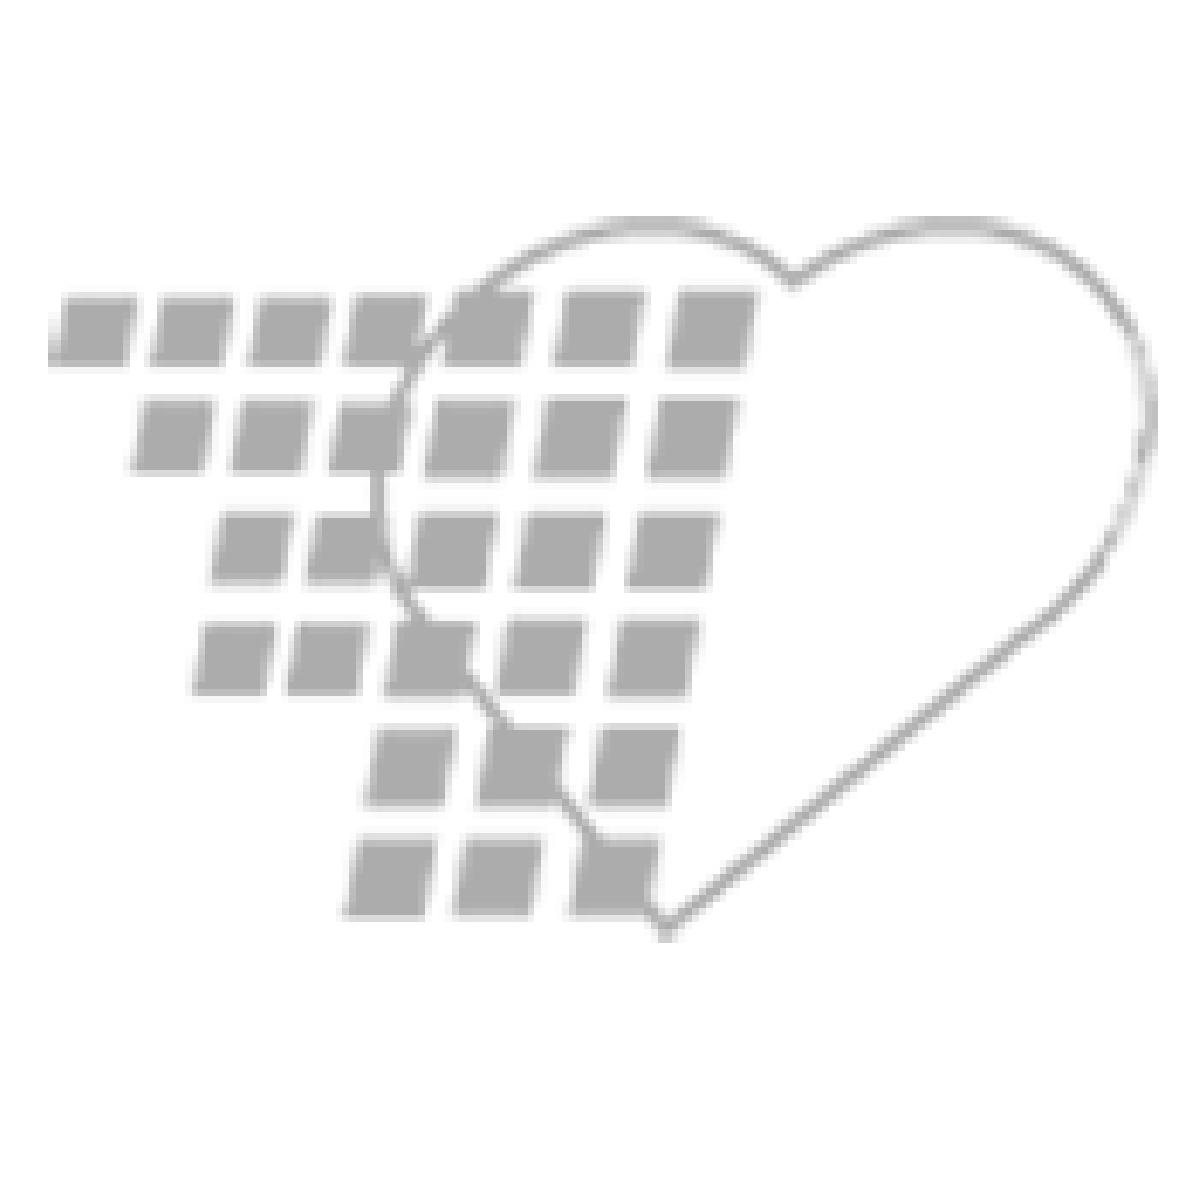 """06-82-5763 BD™ Eclipse™ Needle for Luer Lock Syringe - 22g x 1.5"""""""